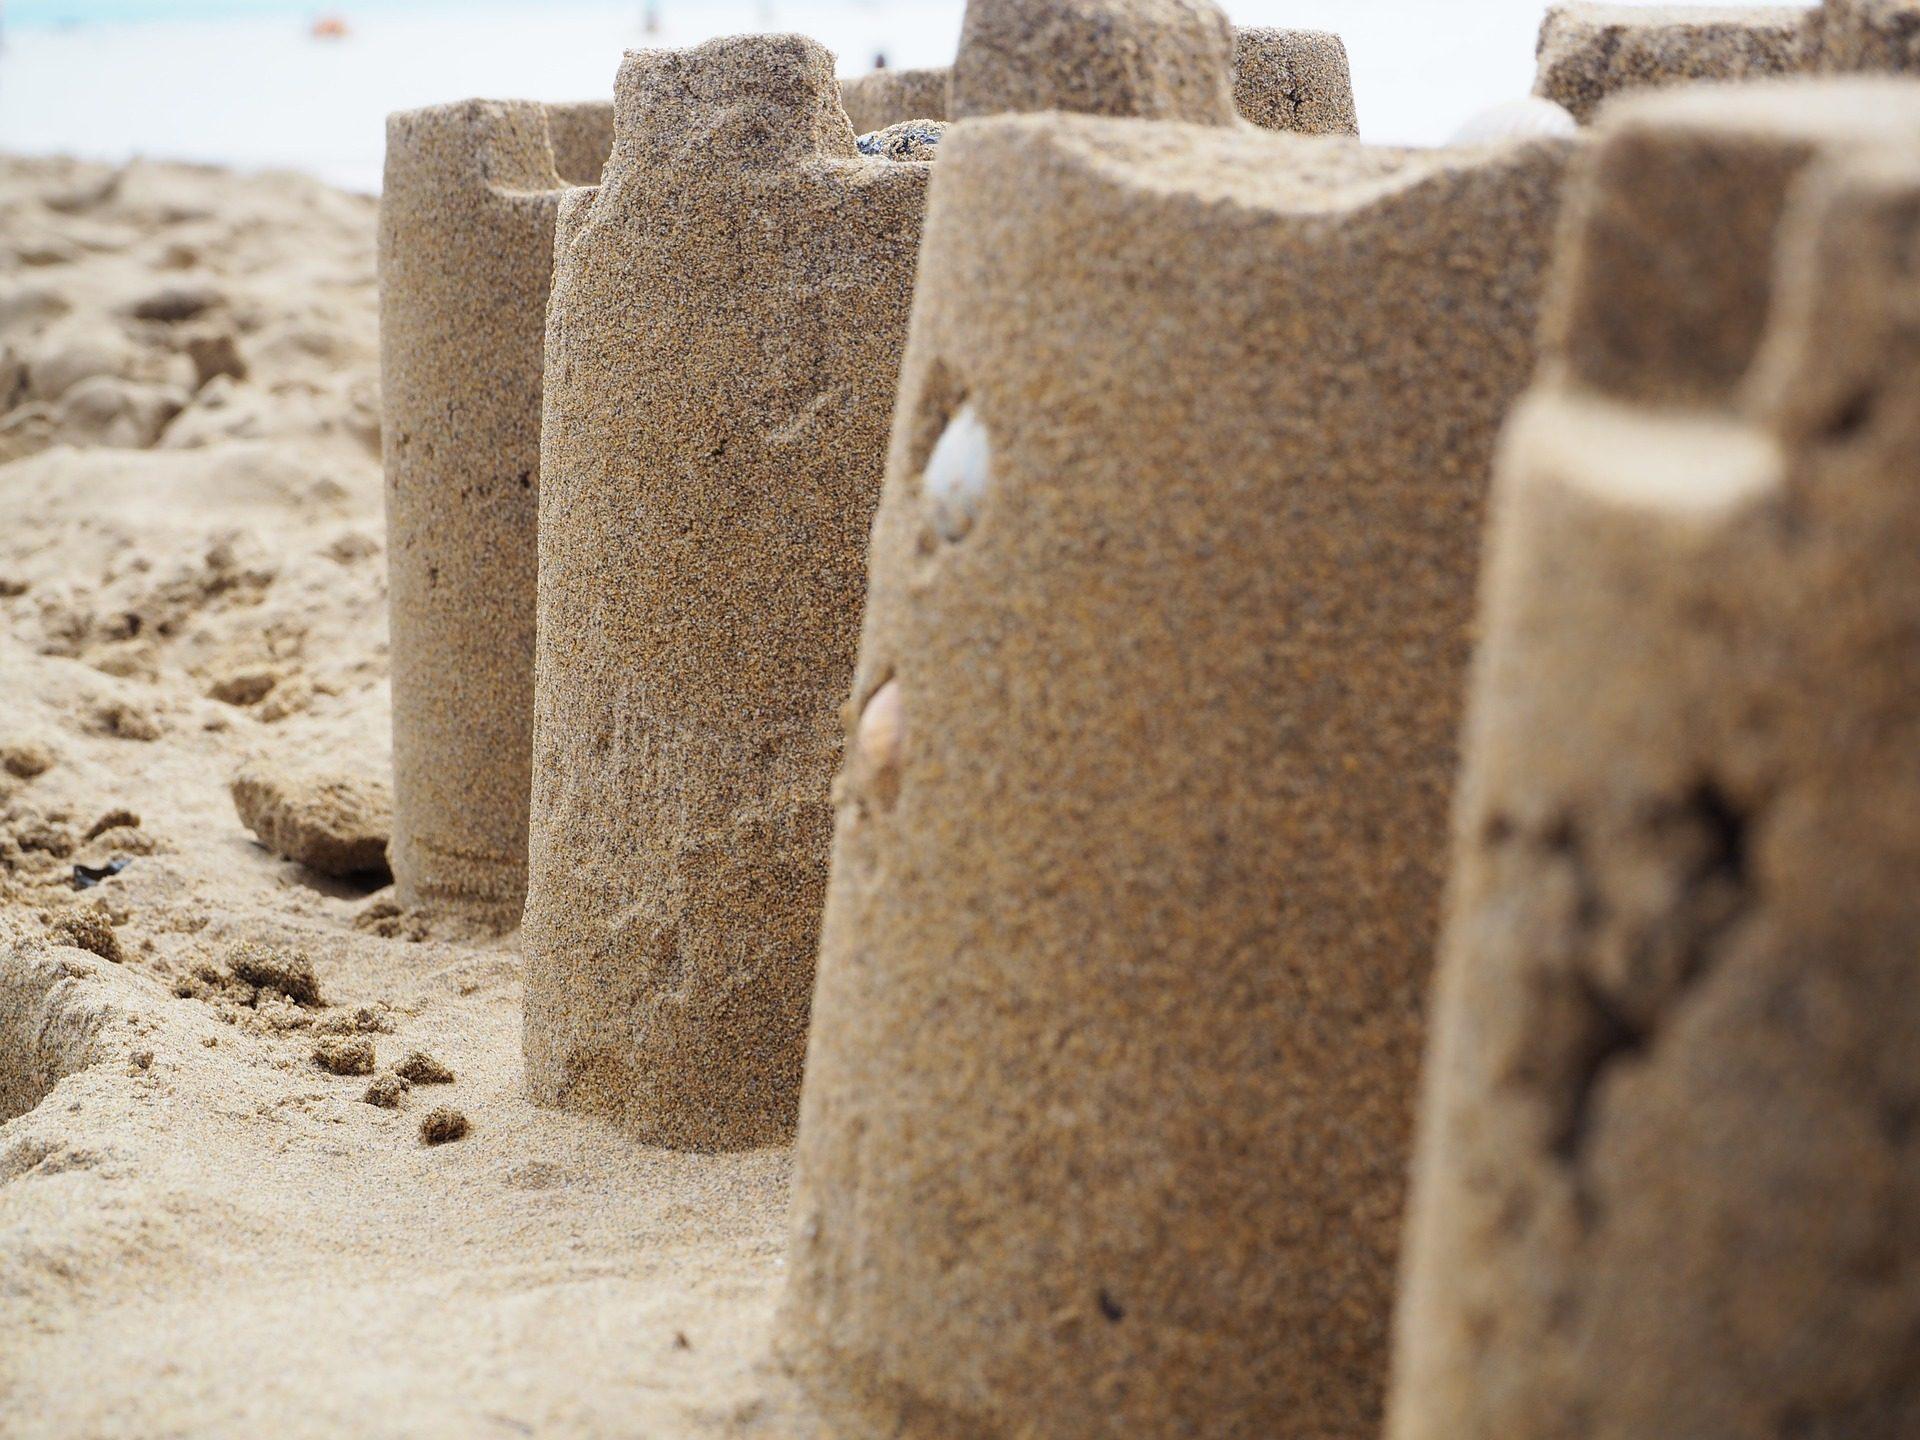 القلعة, الرمال, الشاطئ, لعبة, البحر - خلفيات عالية الدقة - أستاذ falken.com